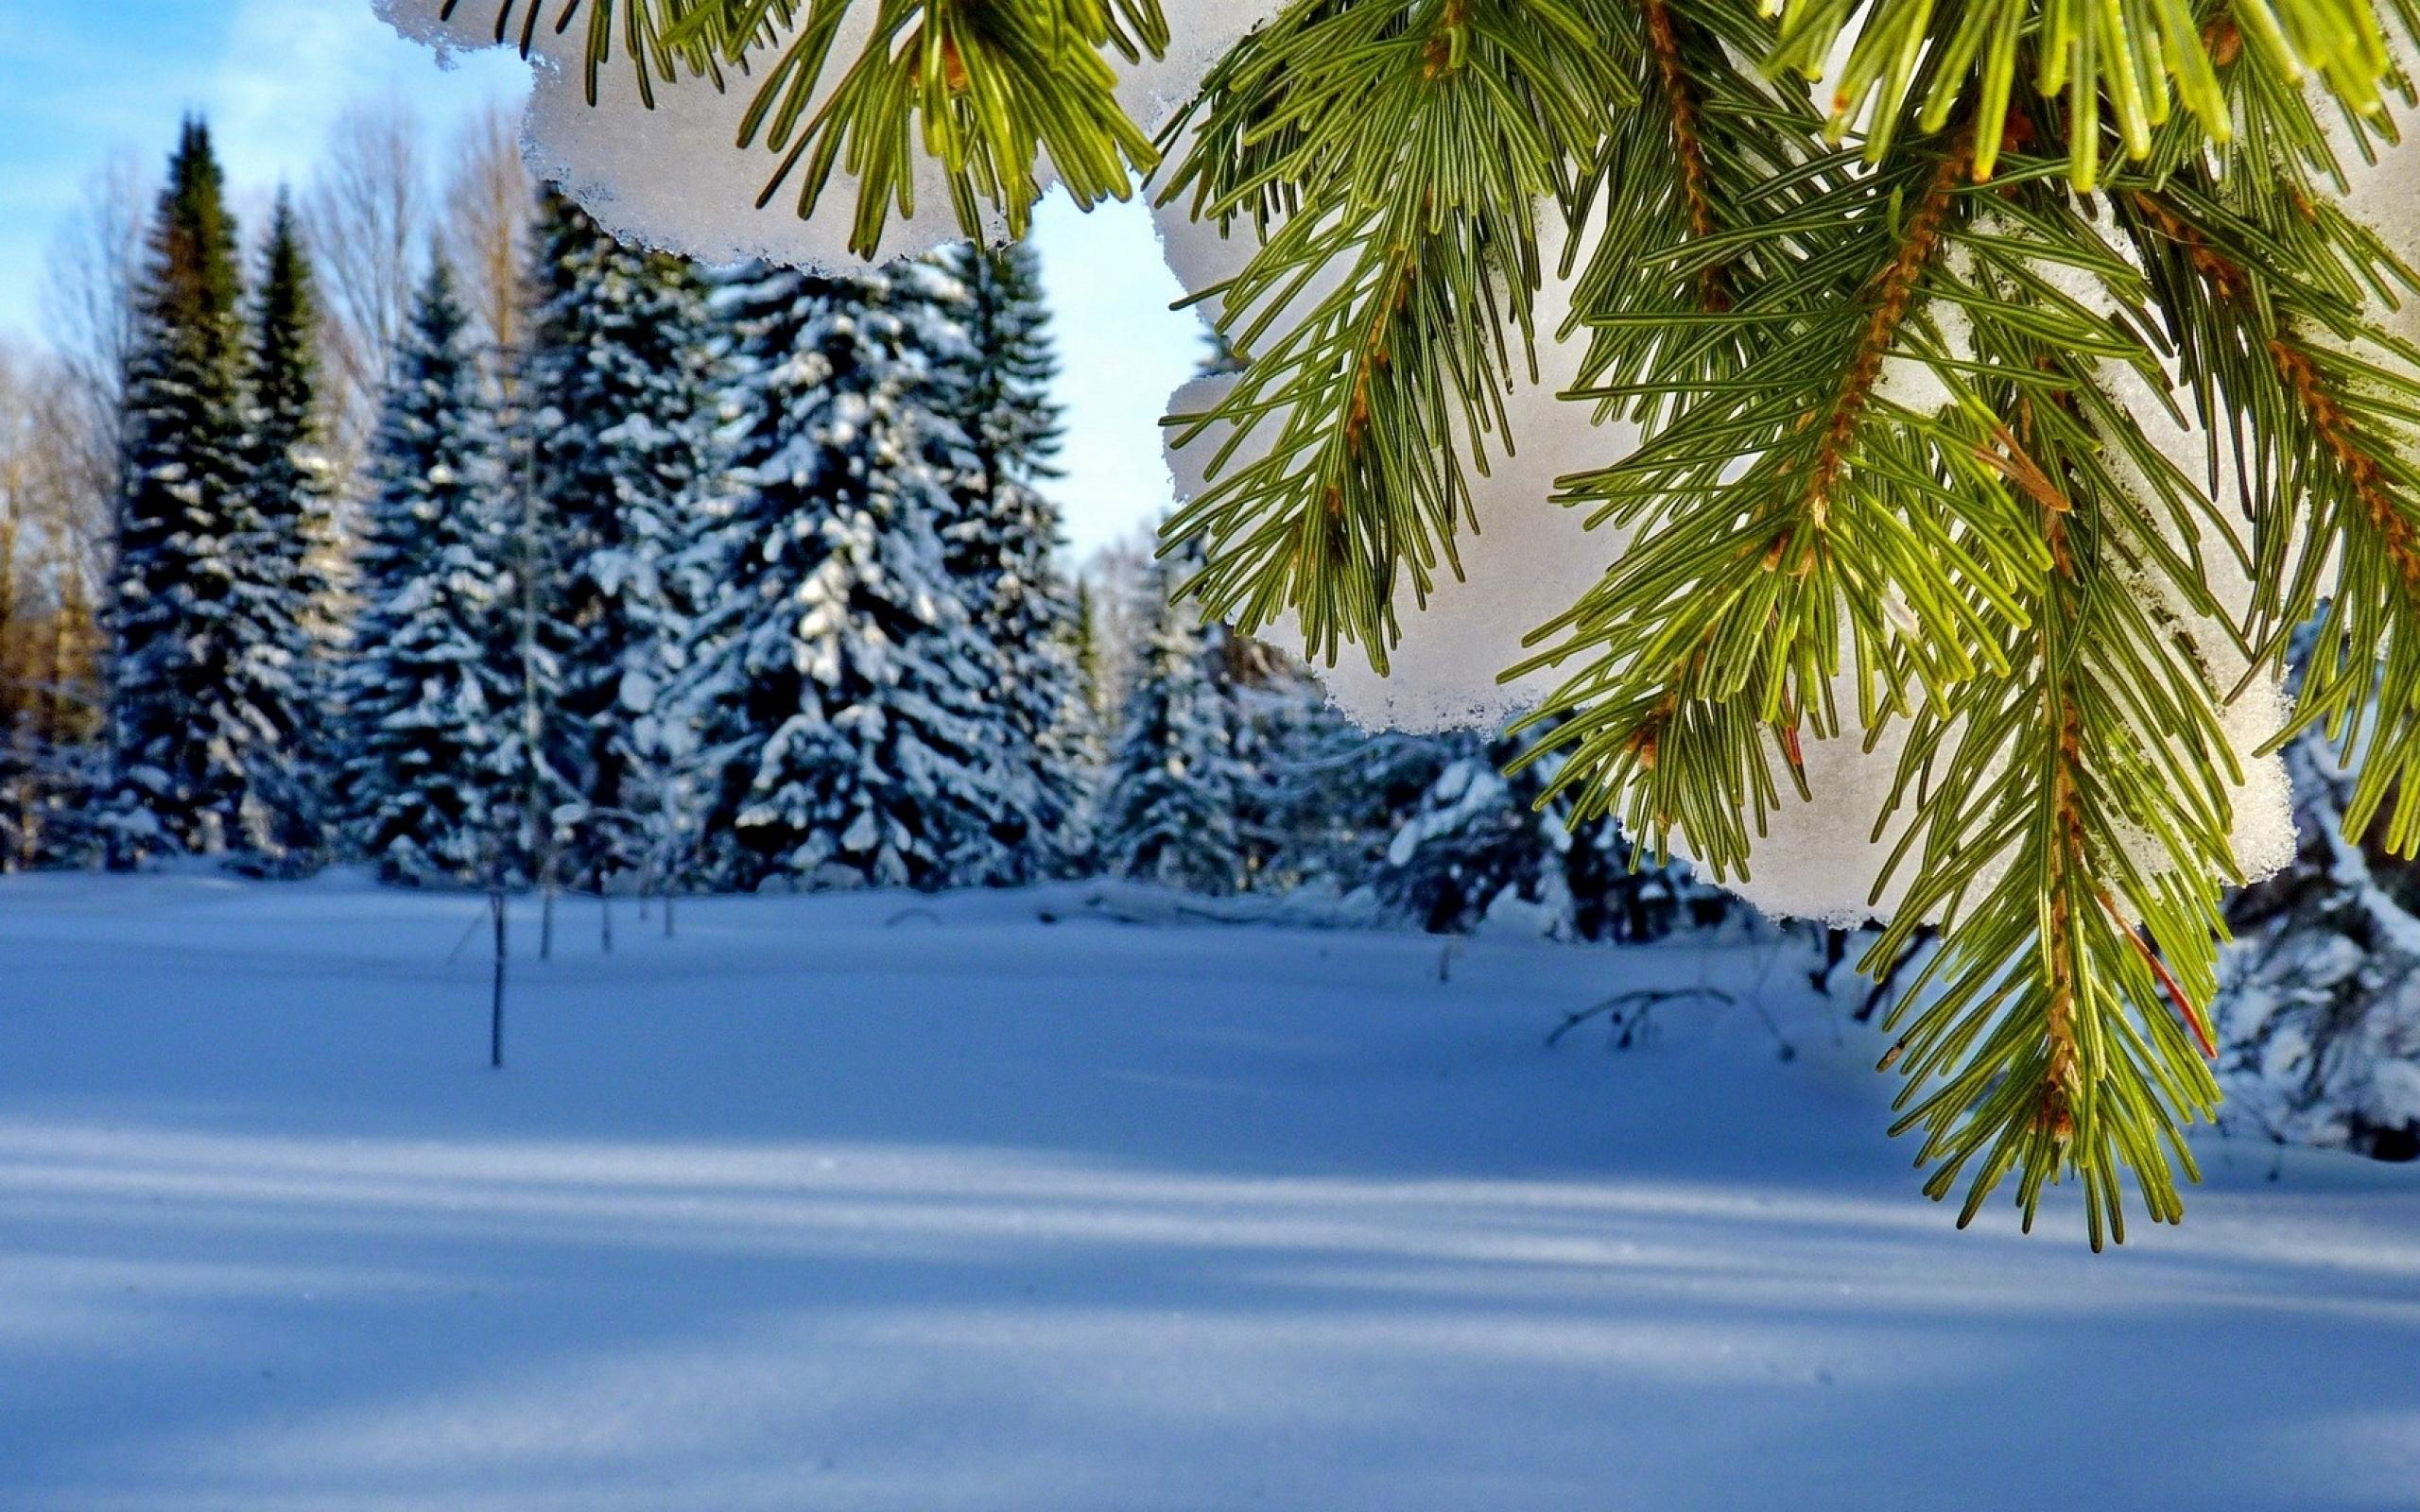 Фото Обои На Телефон Зима